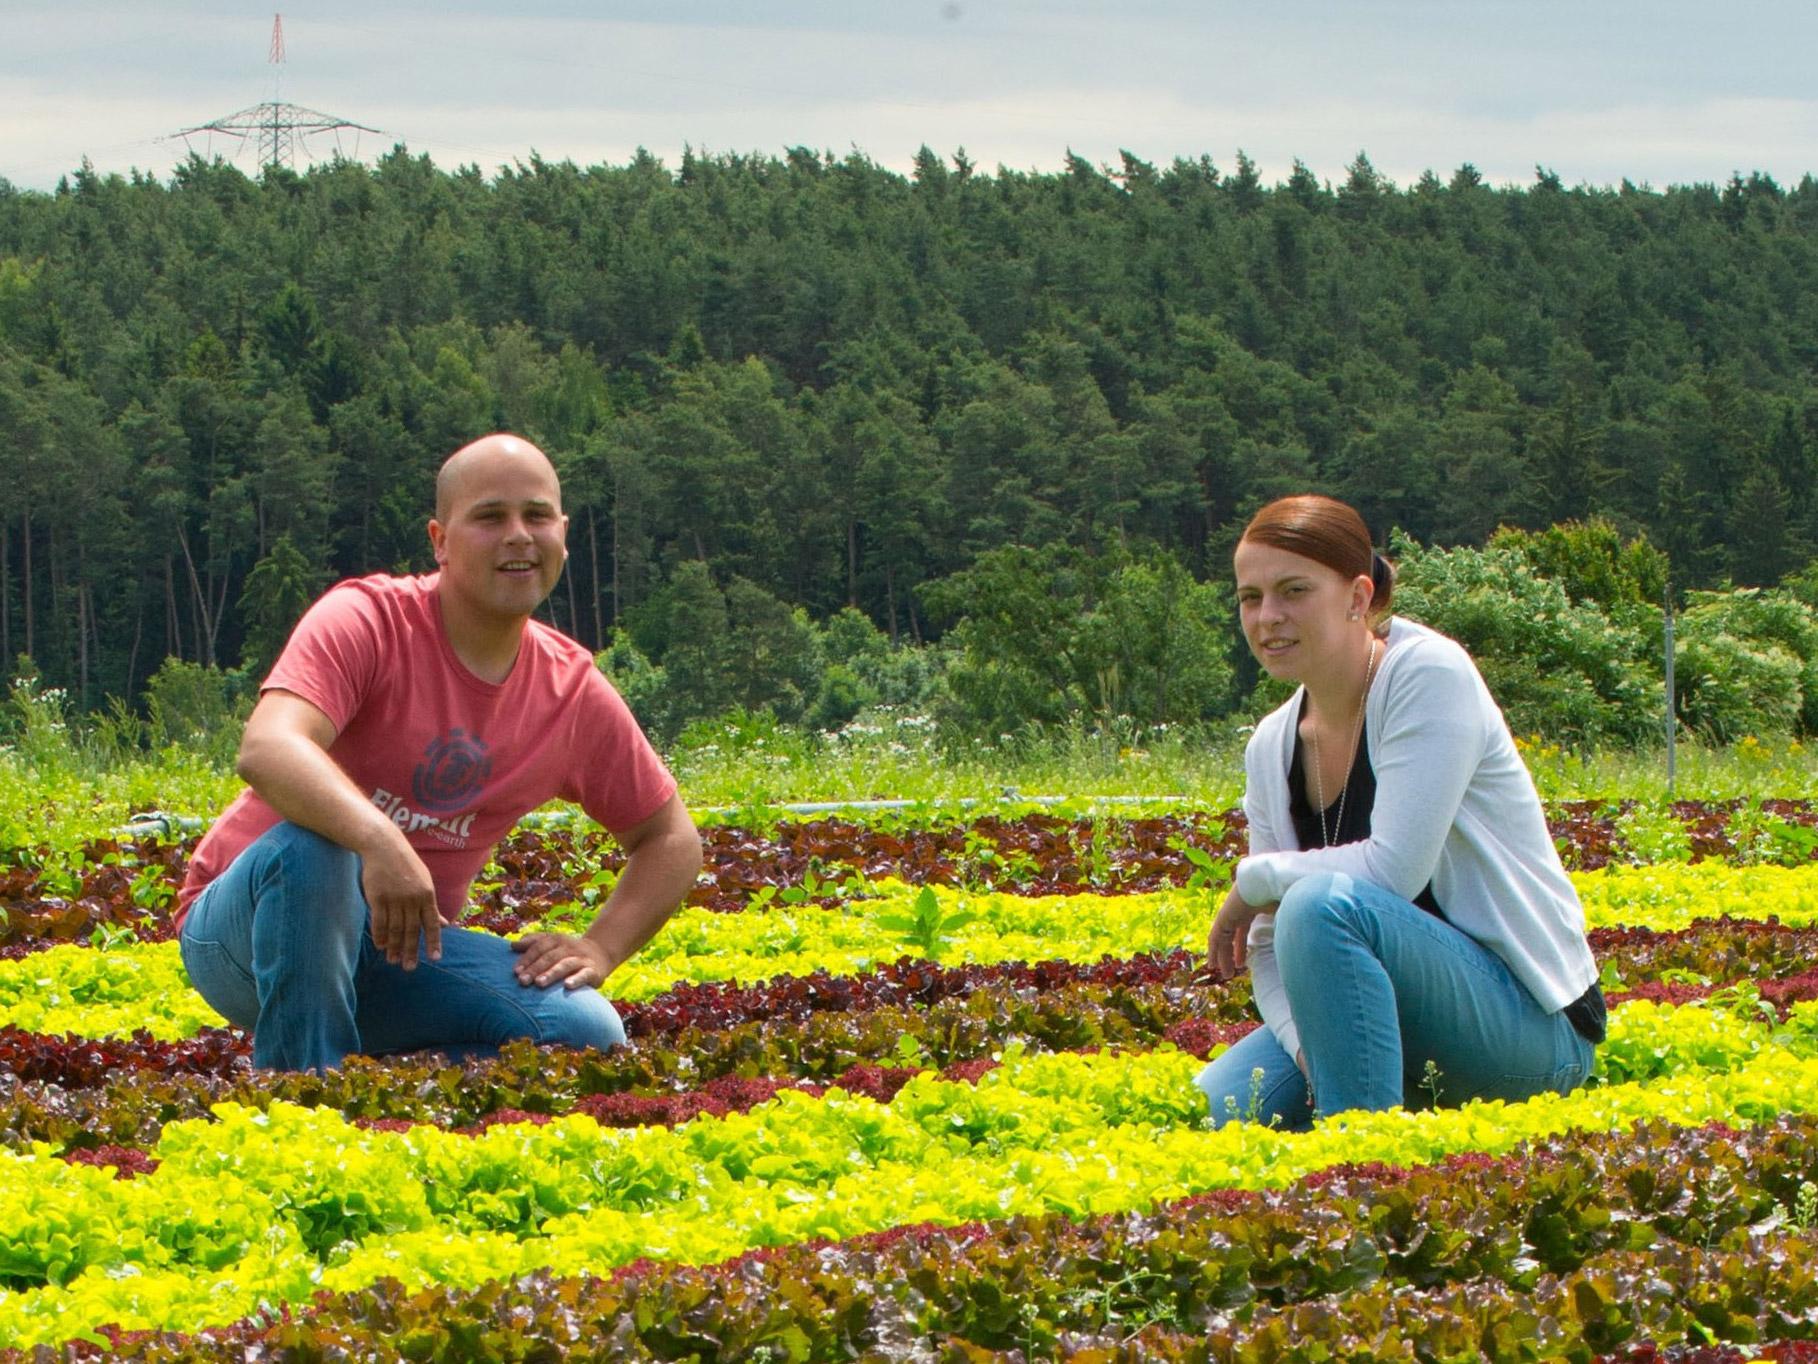 Betriebsleiter und Ehefrau im Salatfeld